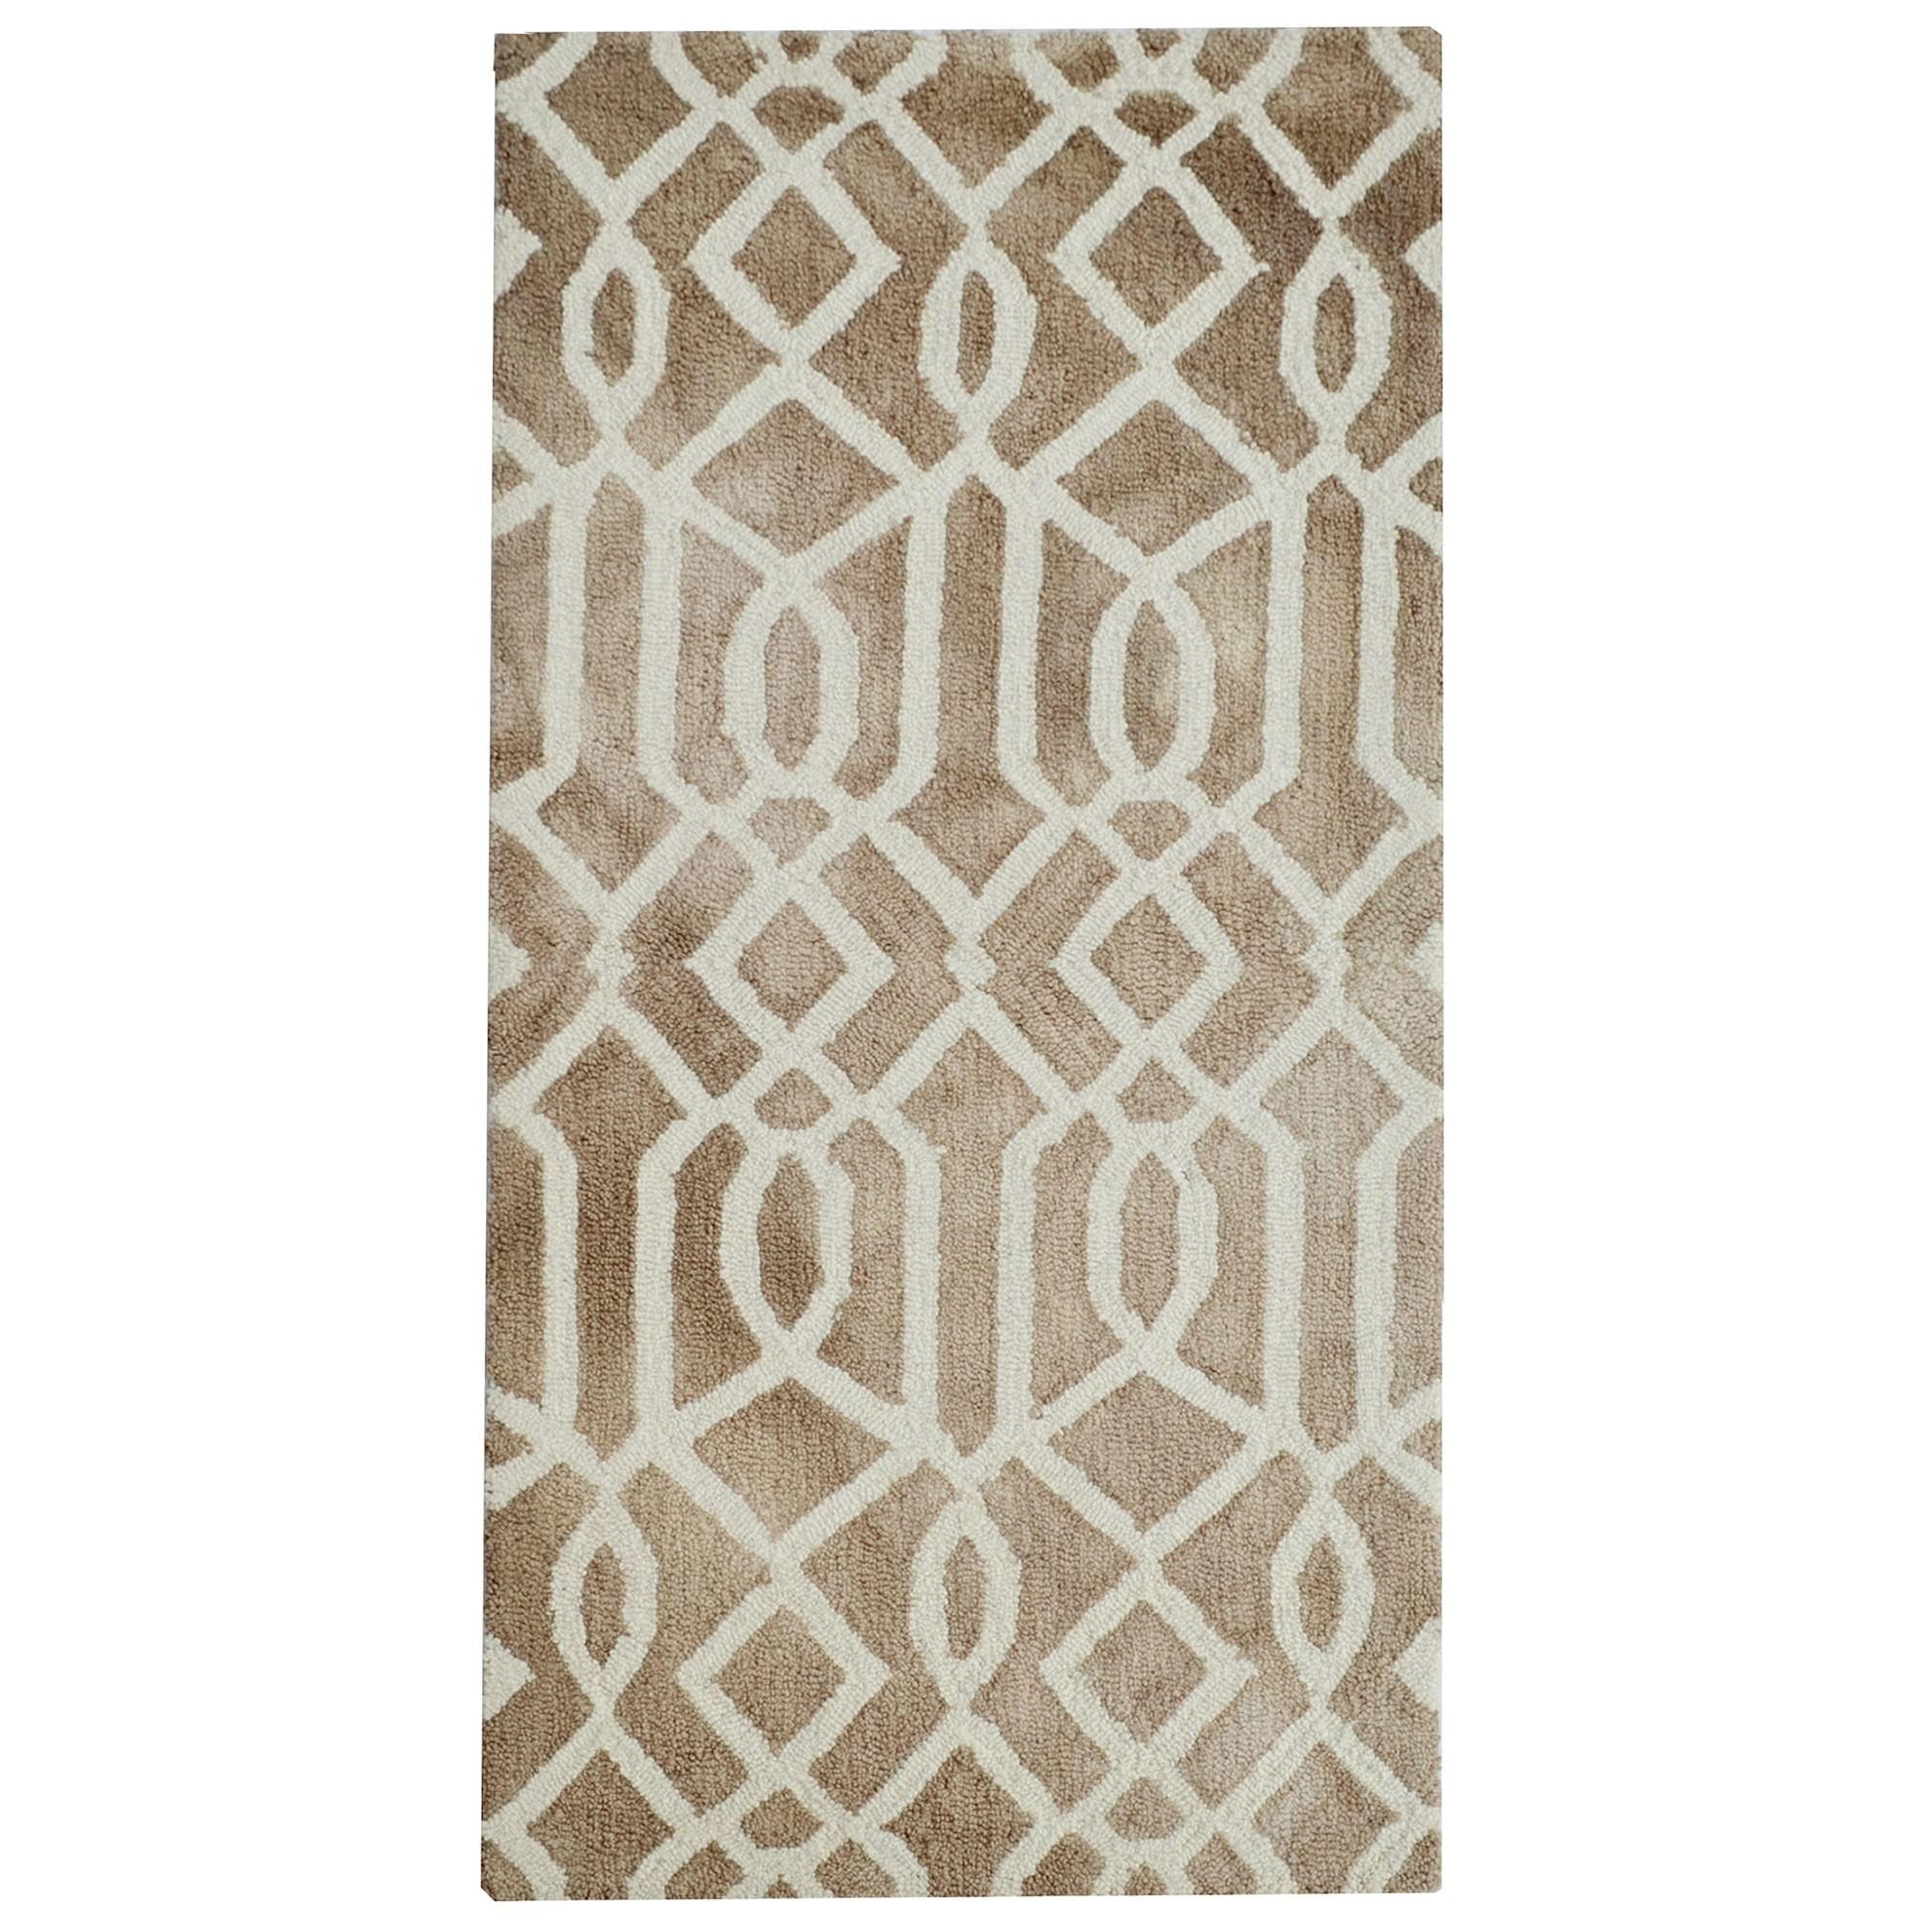 Maryland Tie Dye Wool Rug, 160x110cm, Brown